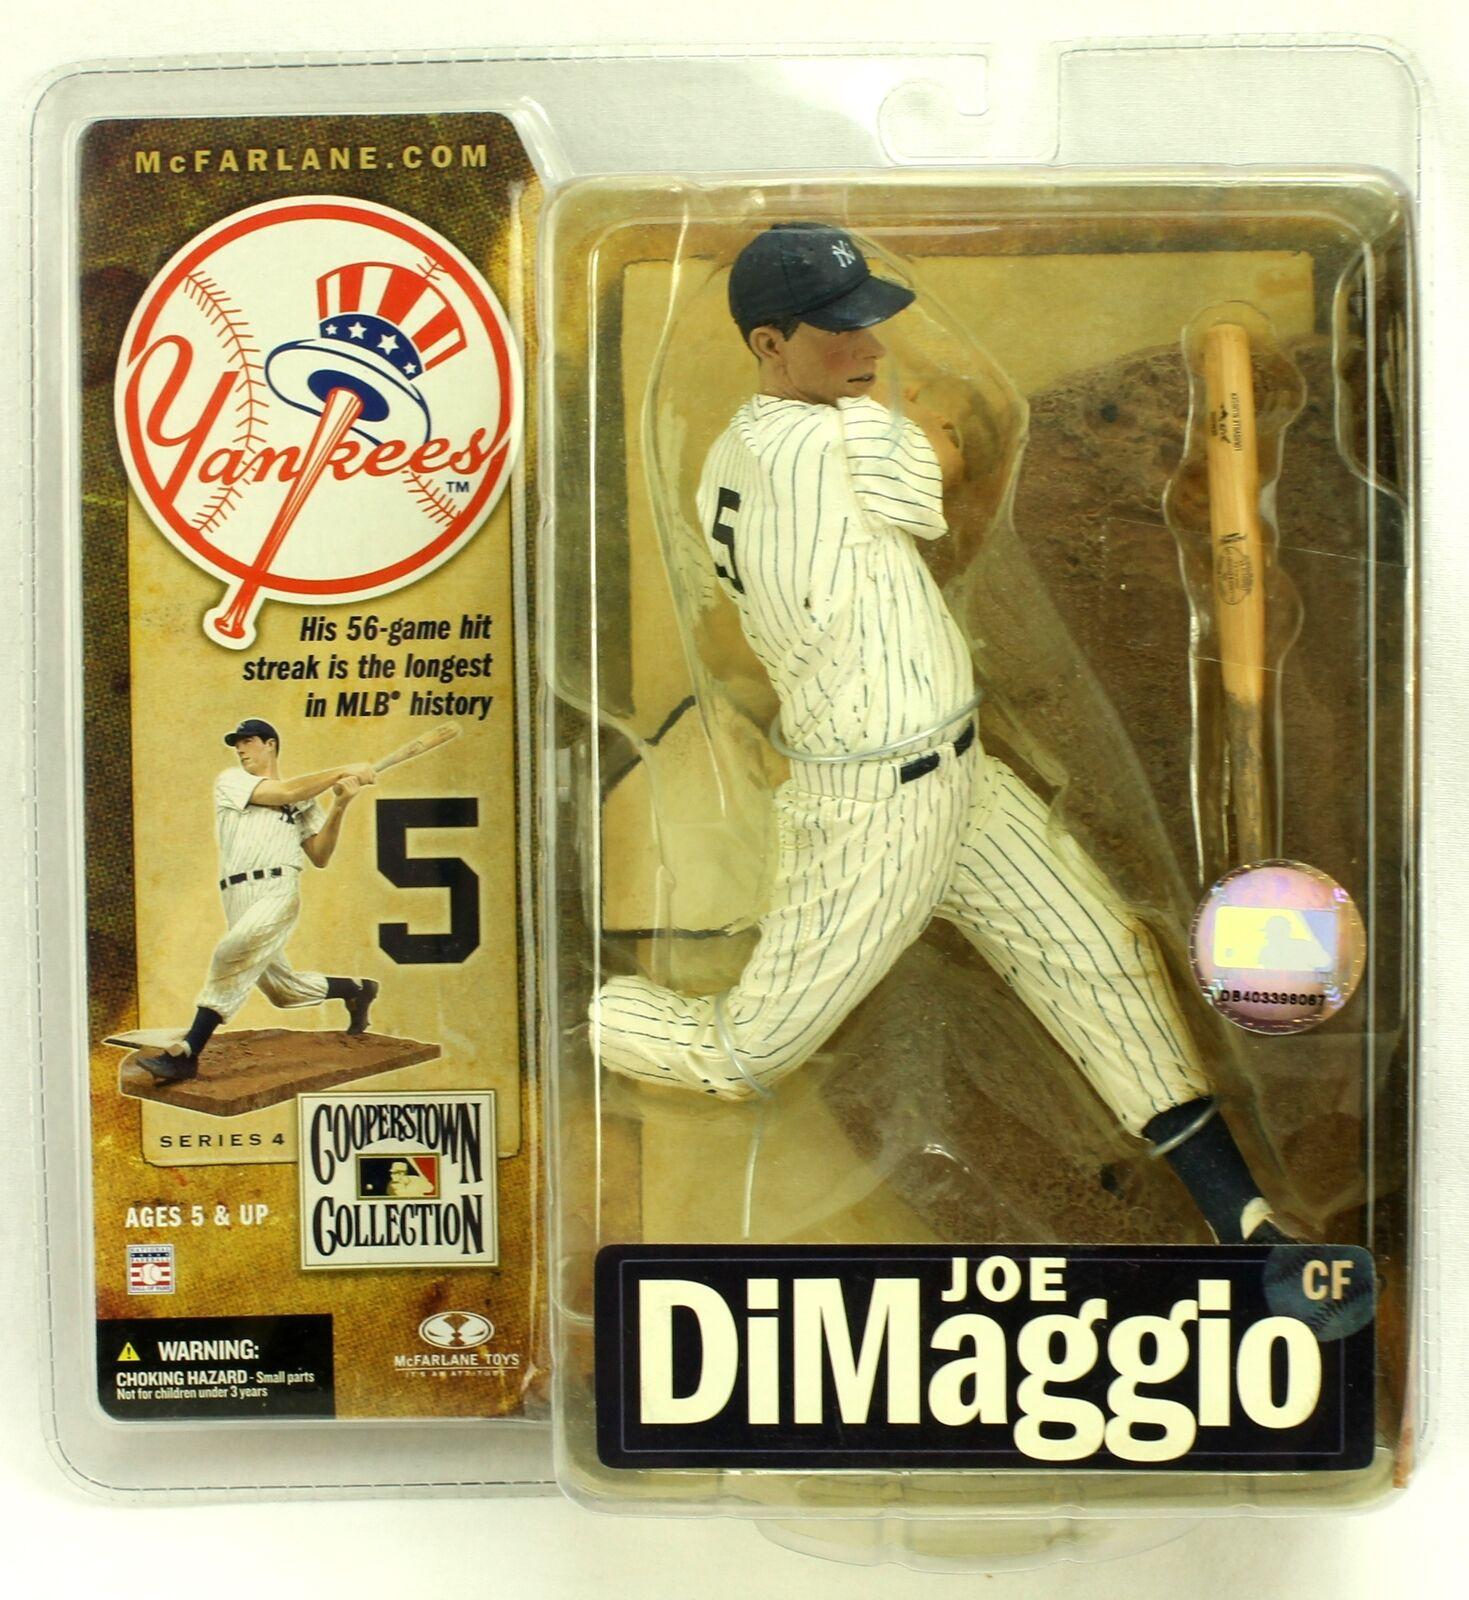 JOE DIMAGGIO New York Yankees McFarlane Cooperstown Series 4 Figure 2007